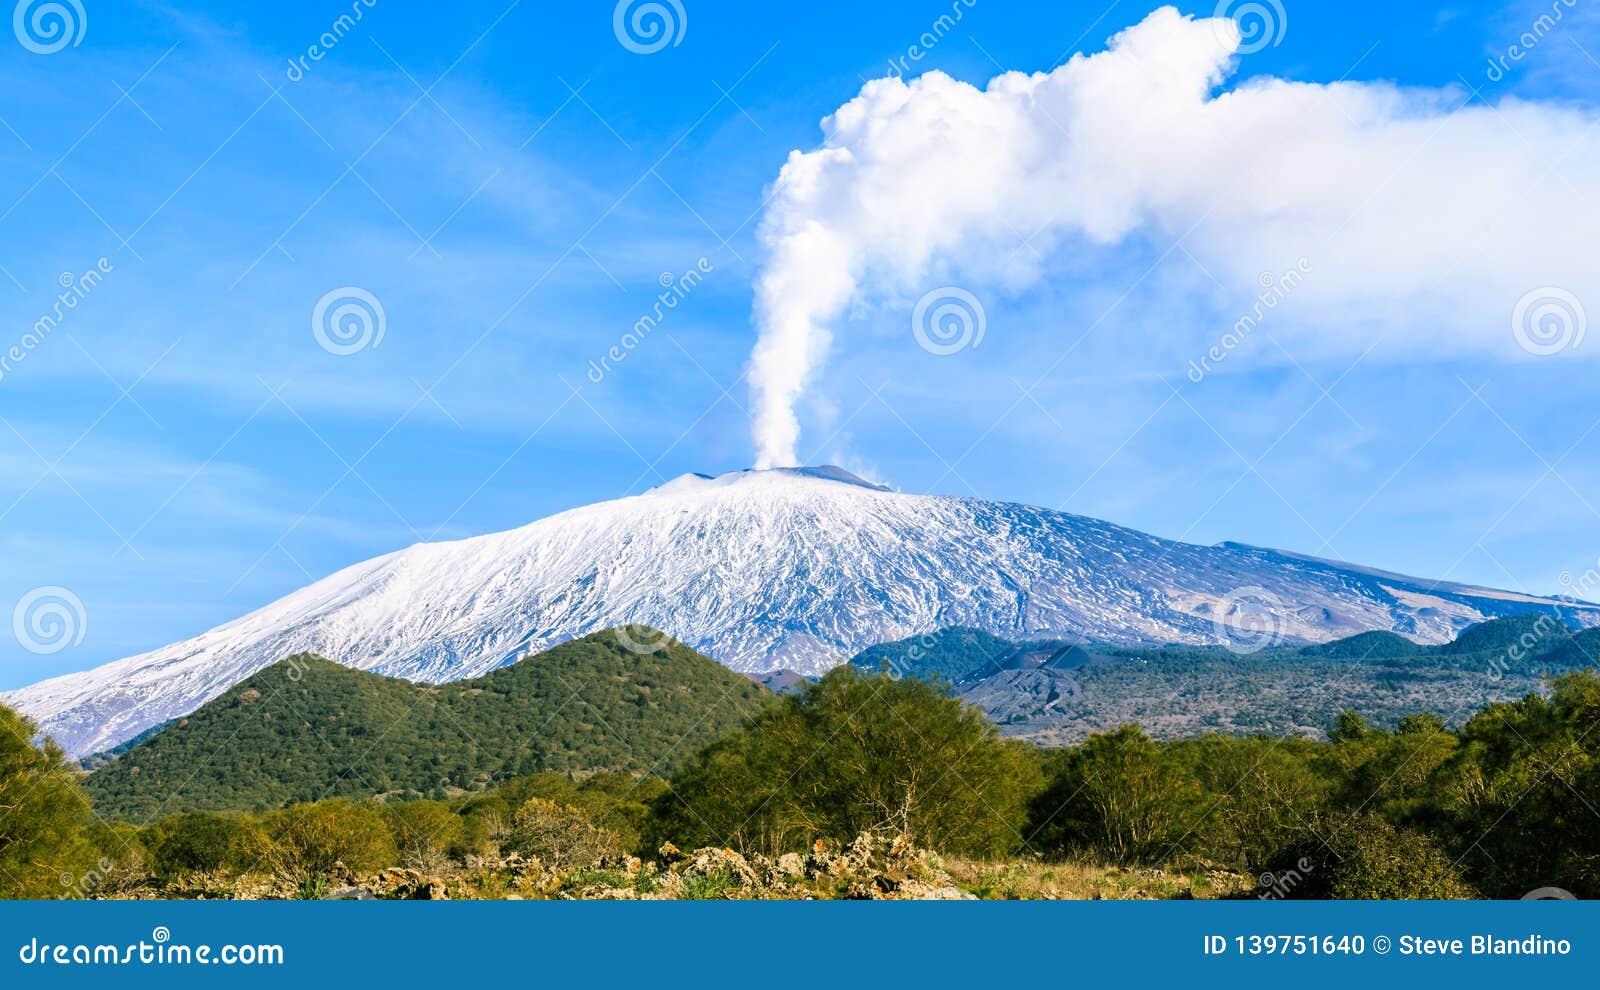 Mount Etna gas emission. Tremor, gases.